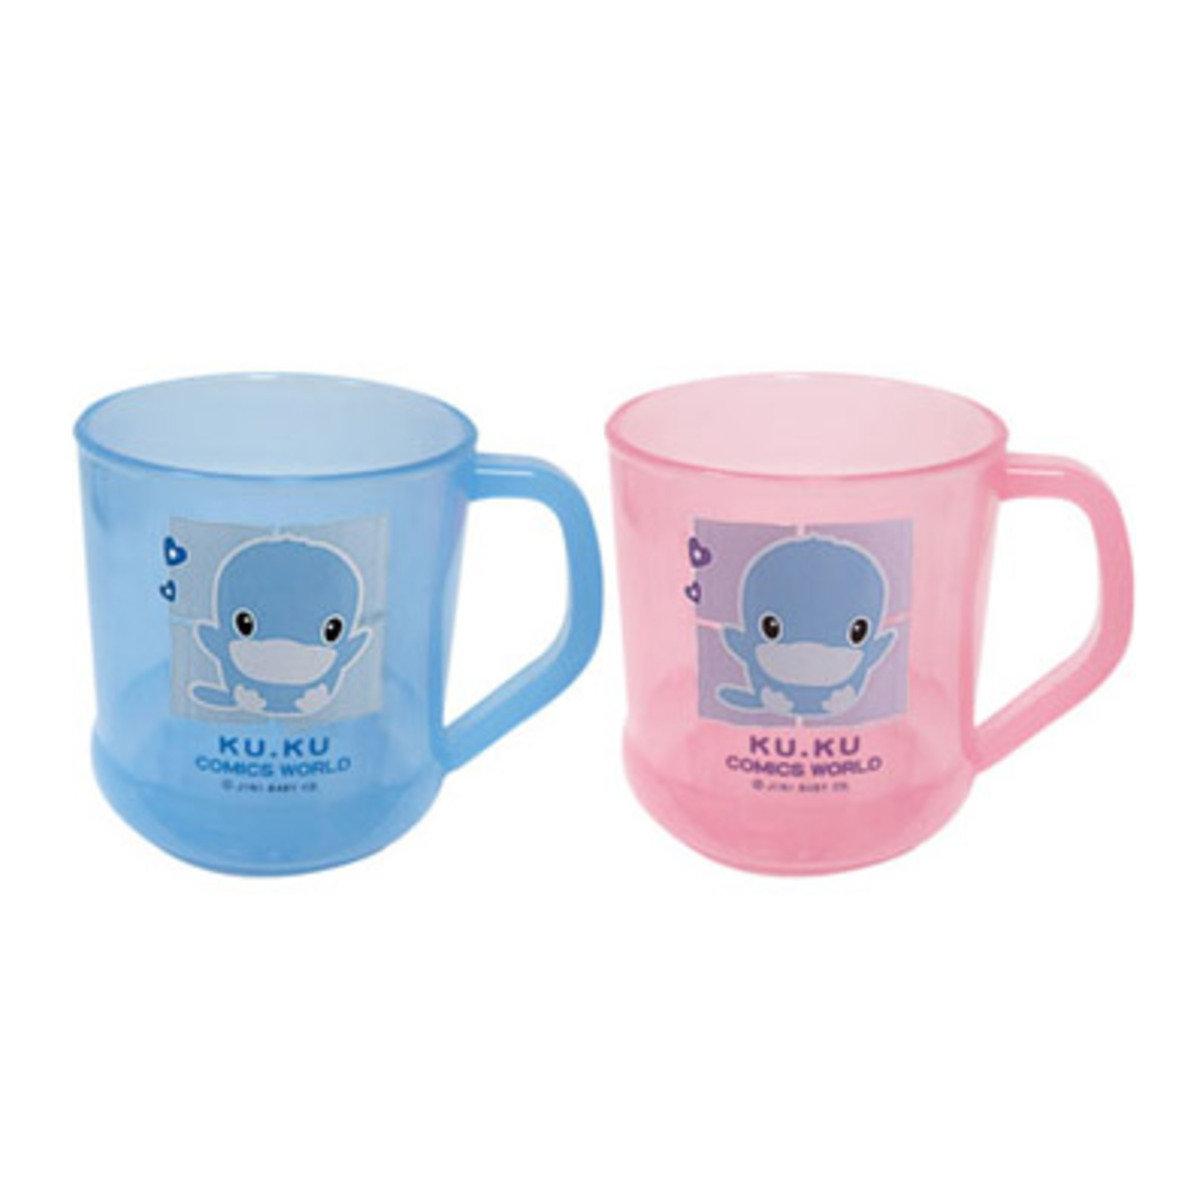 愛玩樂杯 (藍色)